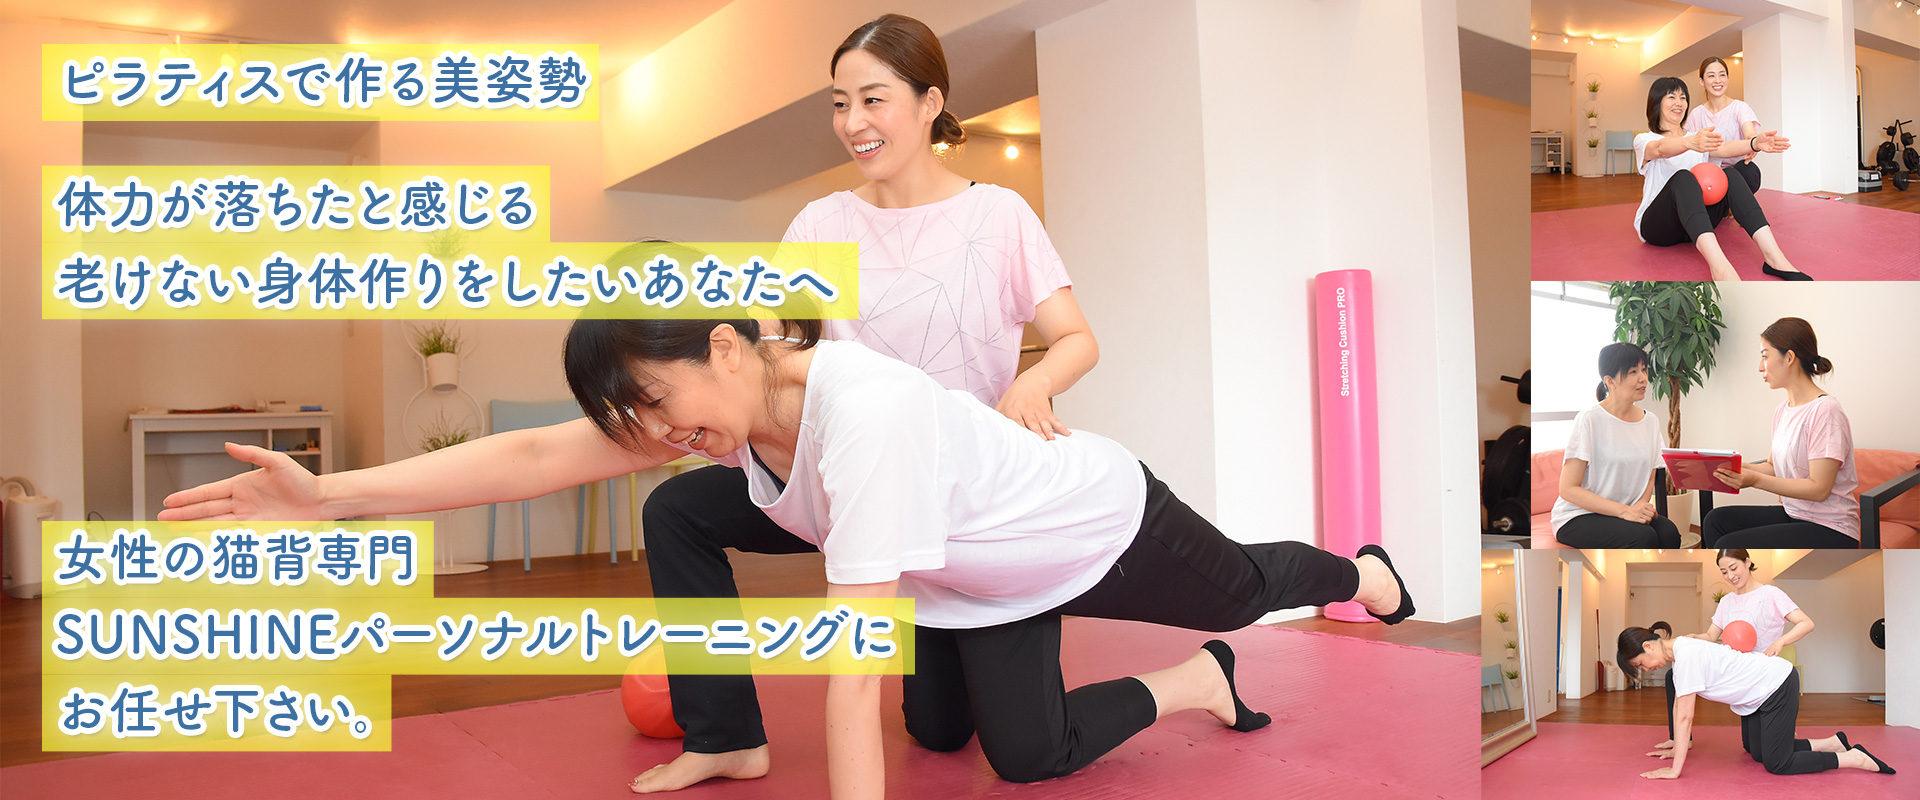 西区姪浜 女性専門パーソナルトレーニング・ピラティス|Sunshine